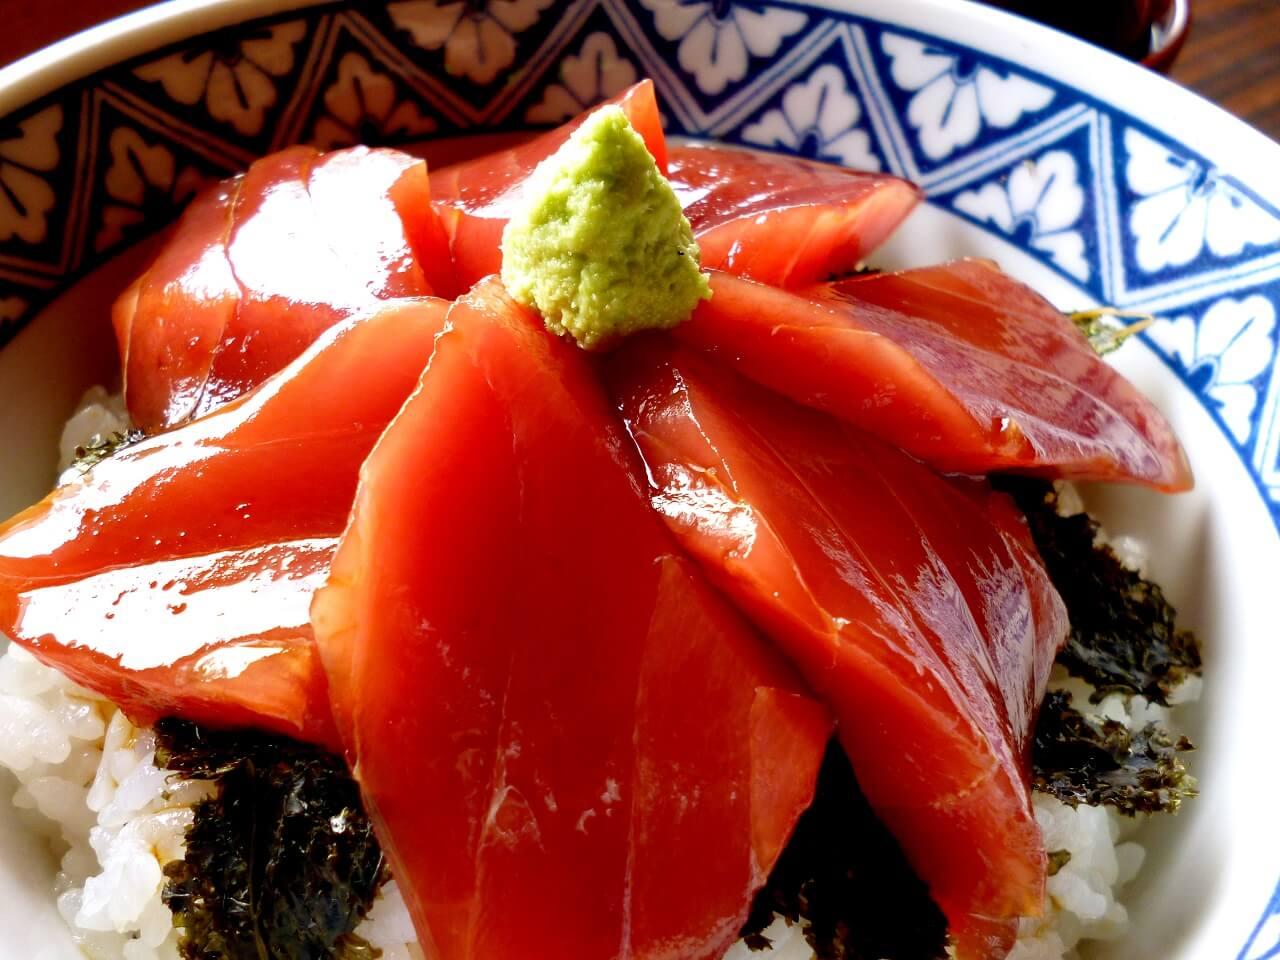 Matsumae Bluefin Tuna: The Ultimate Bluefin Tuna from the Tsugaru Strait